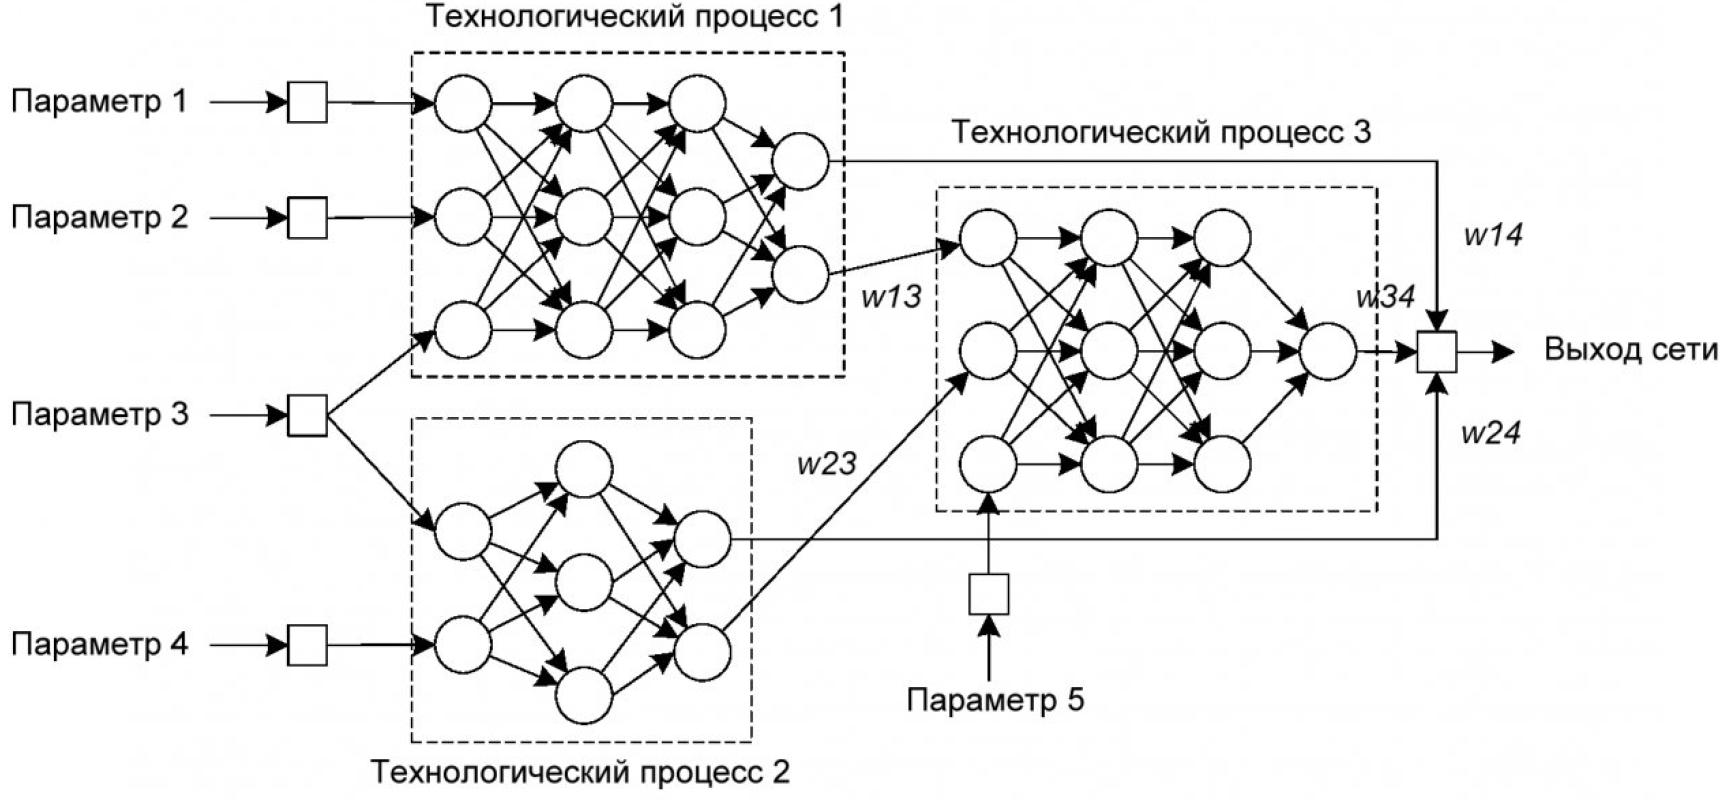 Принципы построения прогнозной модели электропотребления промышленного предприятия на основе искусственной нейронной сети 2